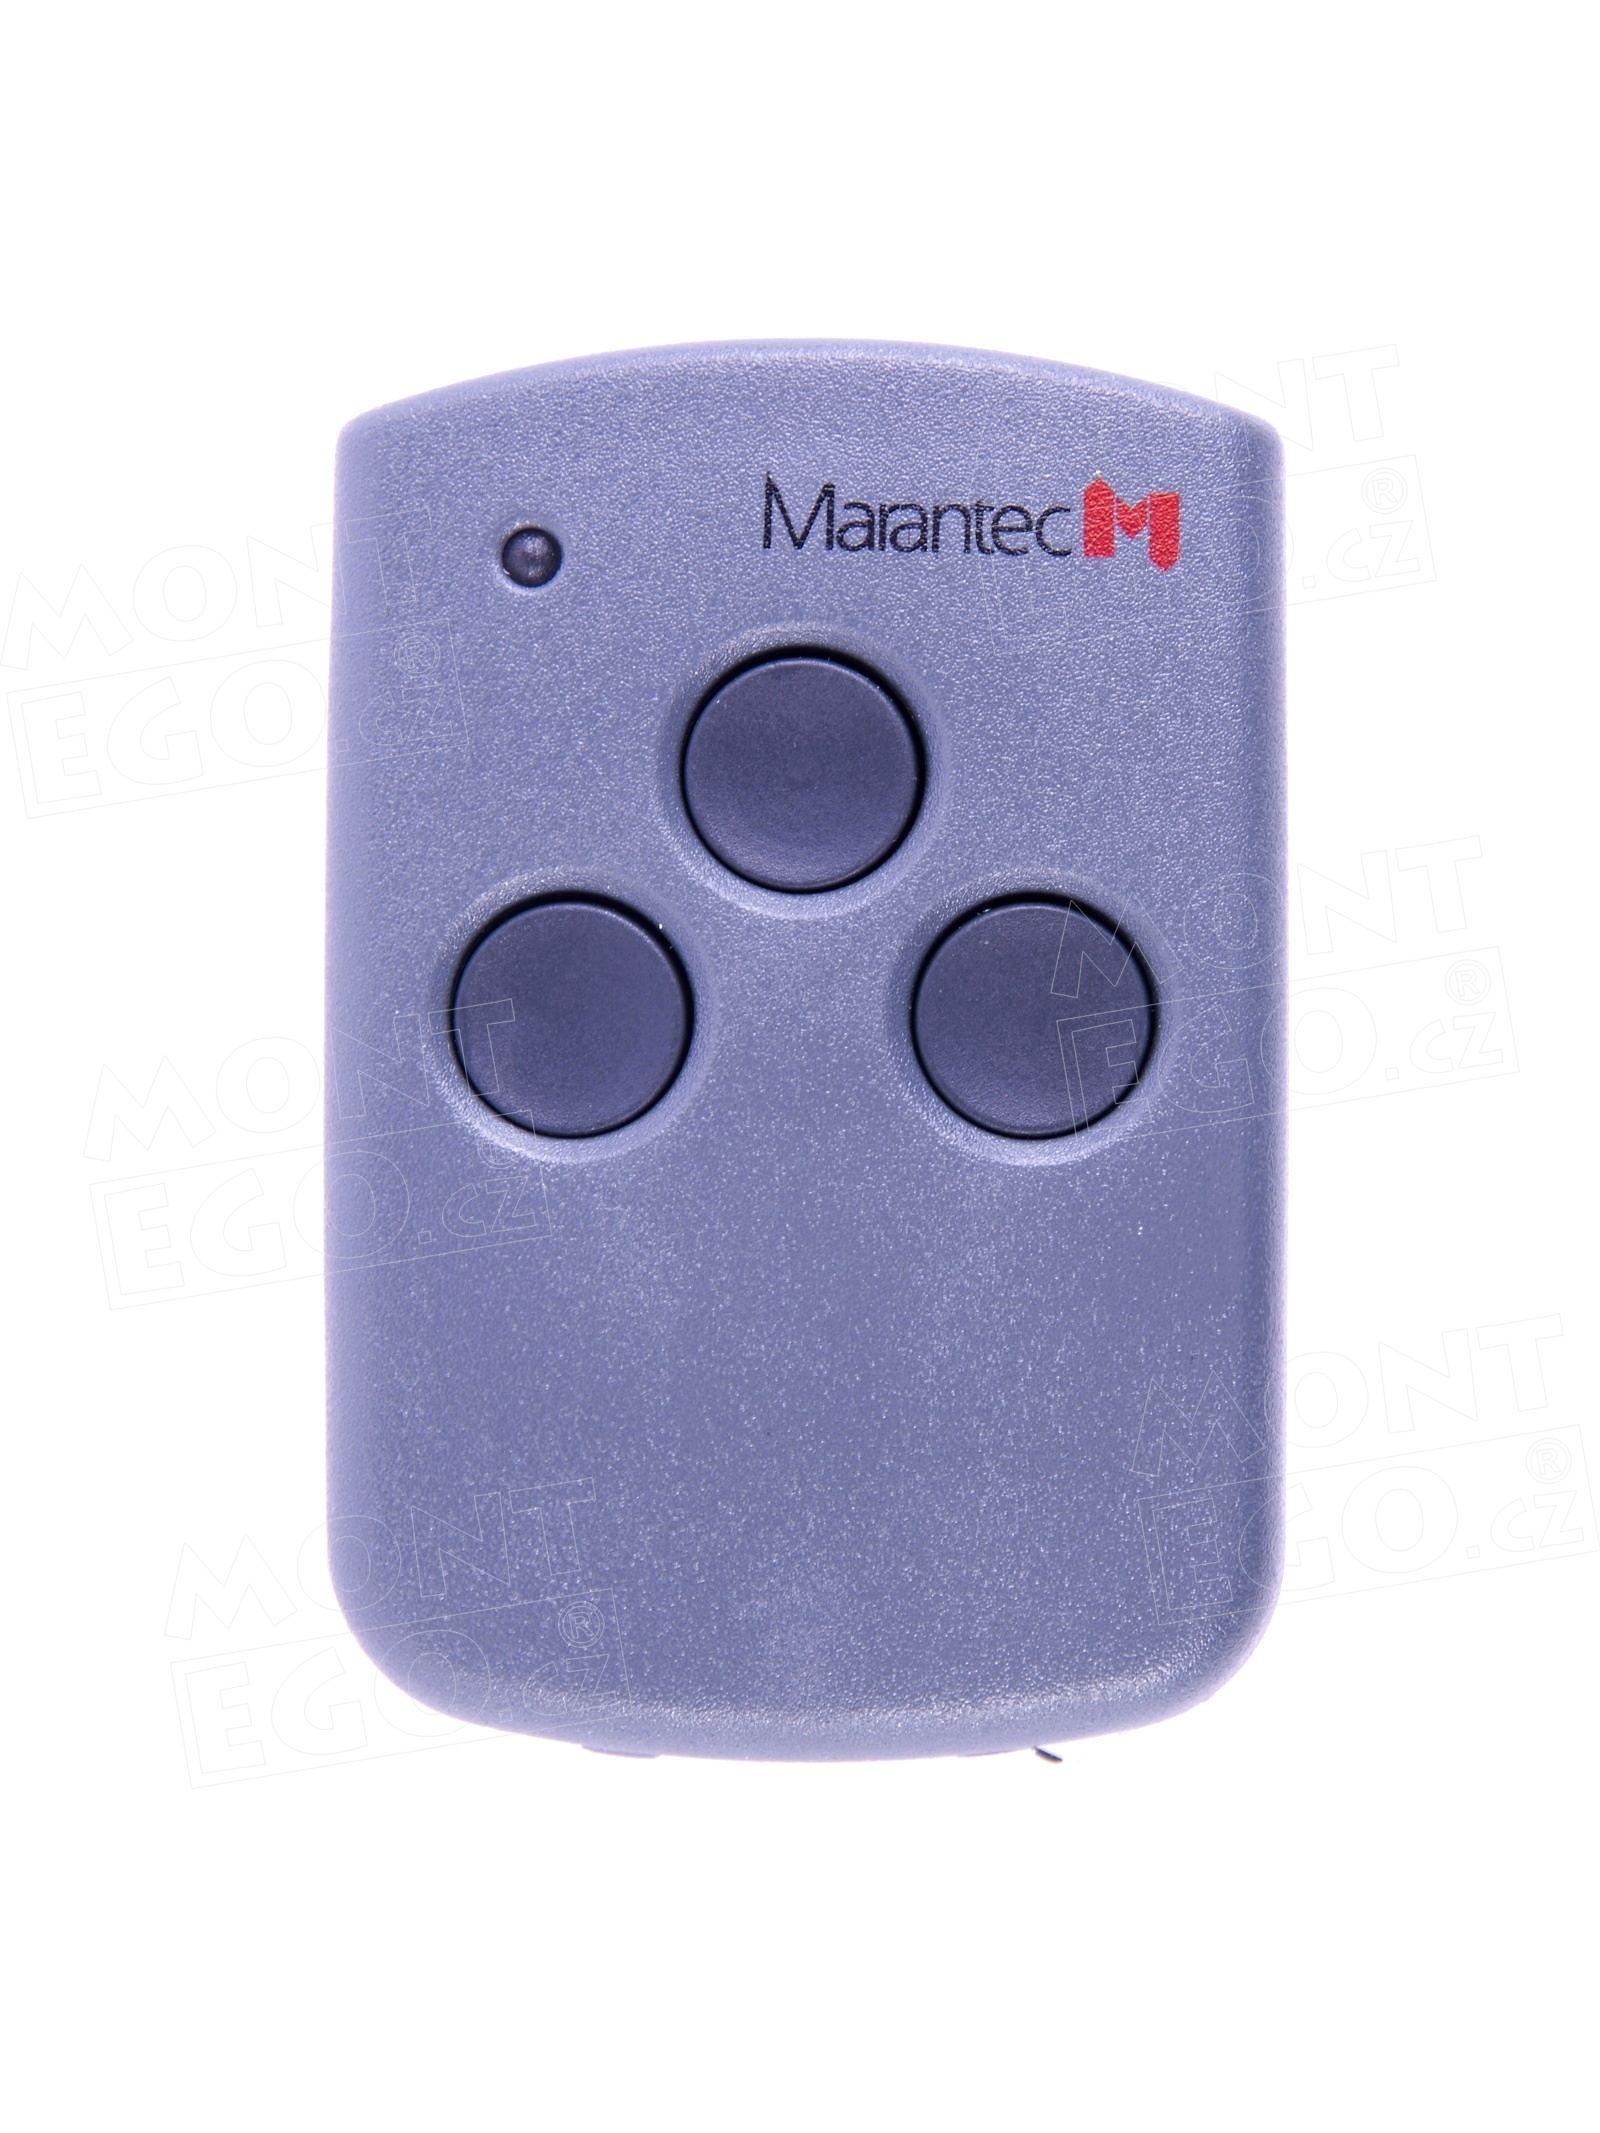 Marantec Digital 313 mini dálkový 3 kanálový ovladač, 433,92 MHz